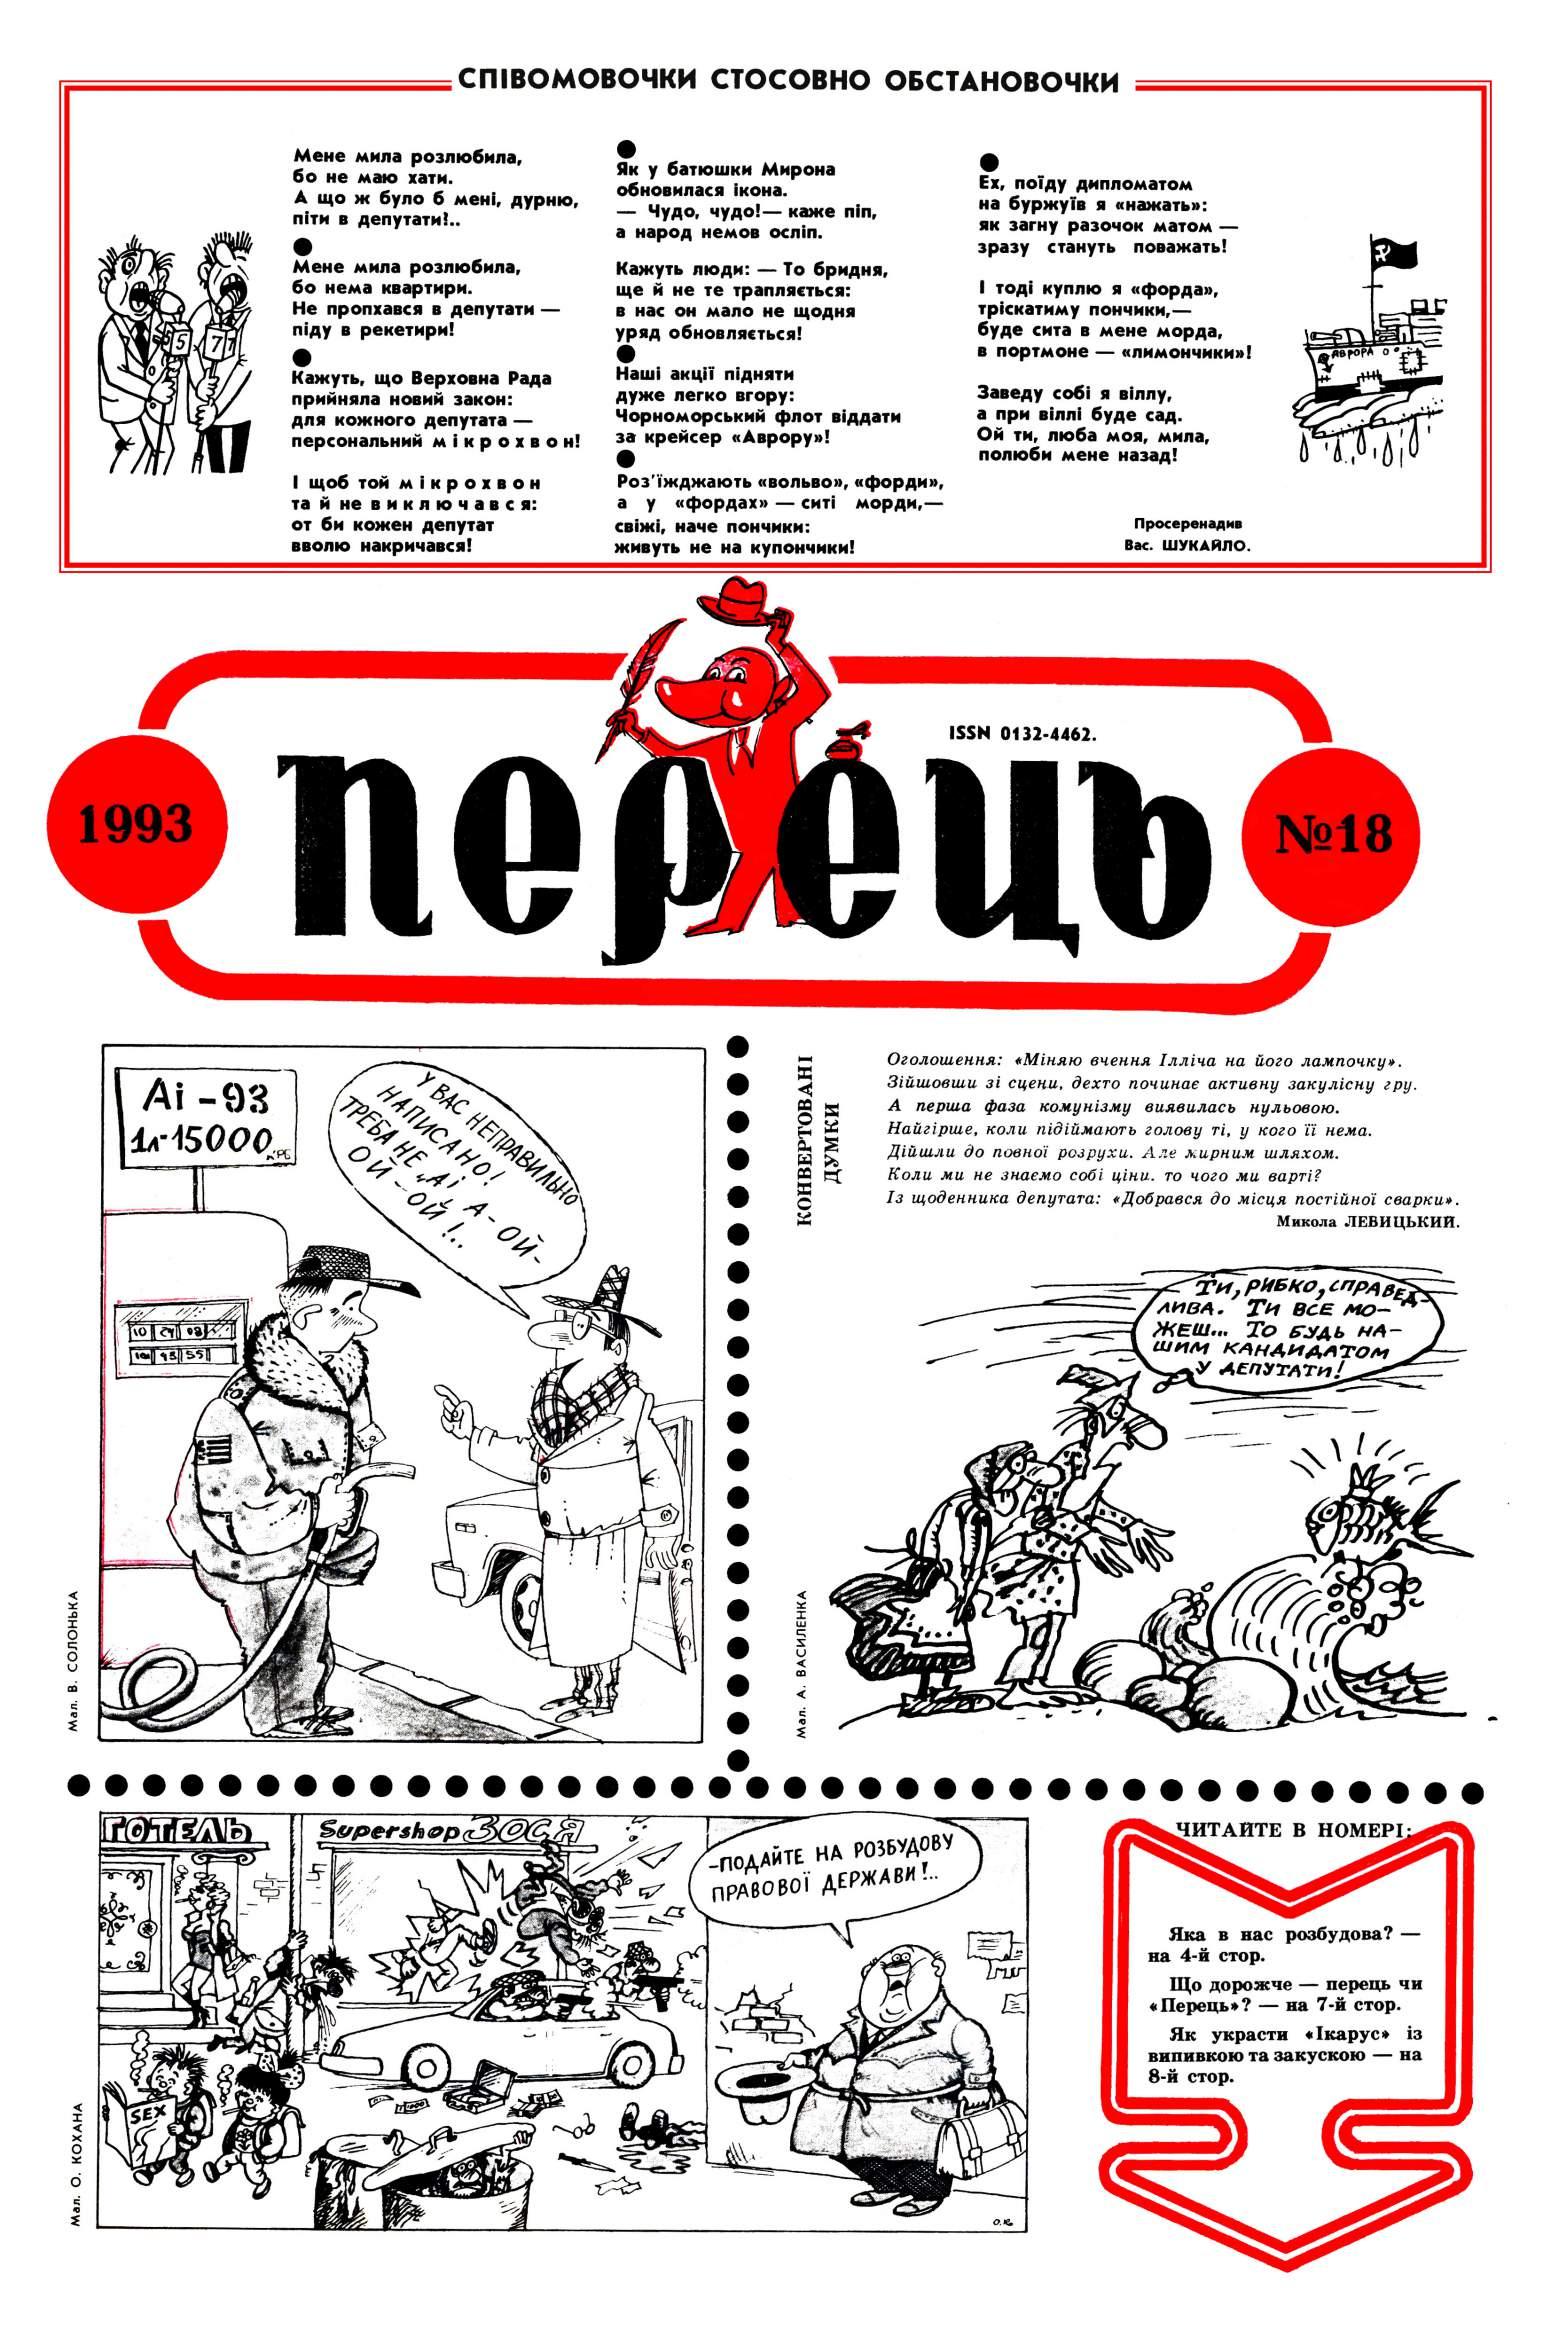 Журнал перець 1993 №18